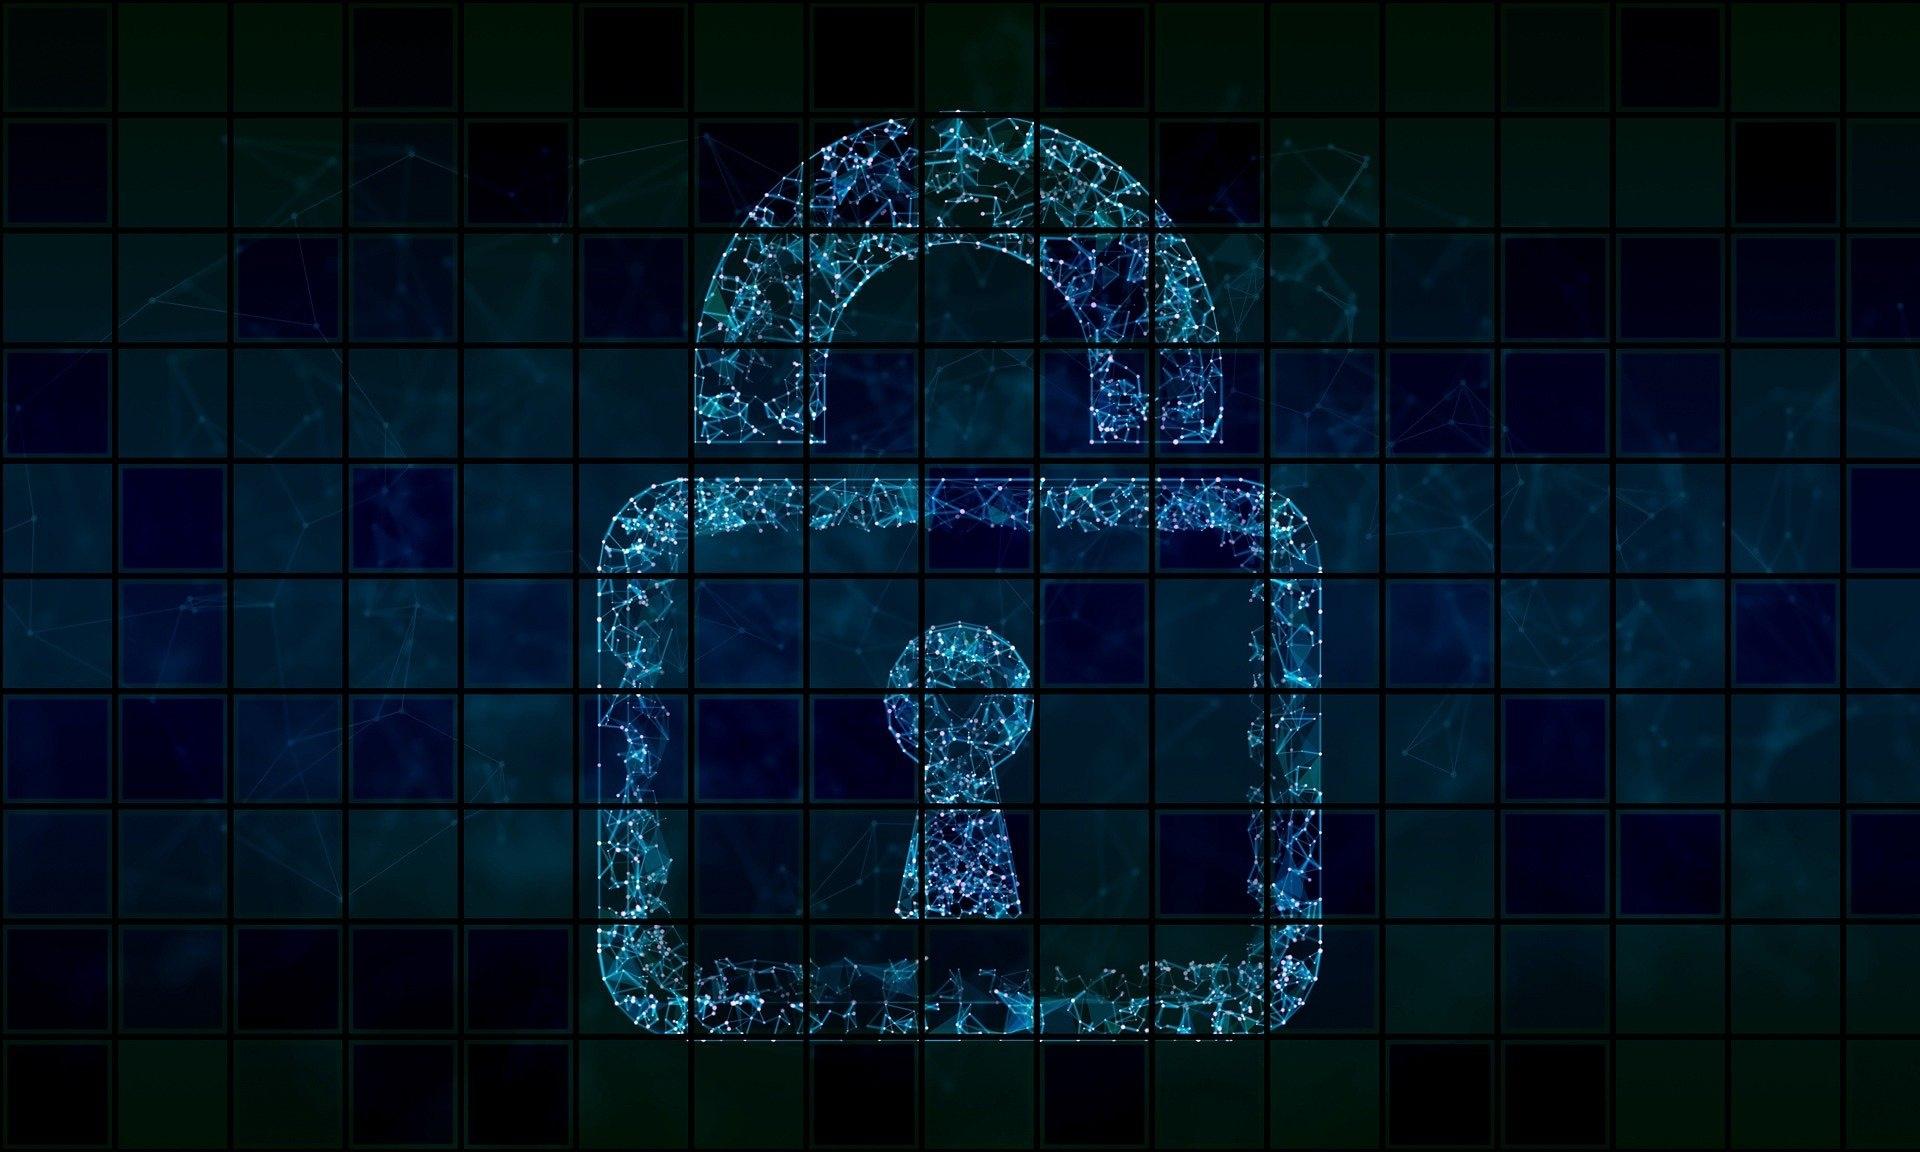 Padlock Computer Screen - Pixabay